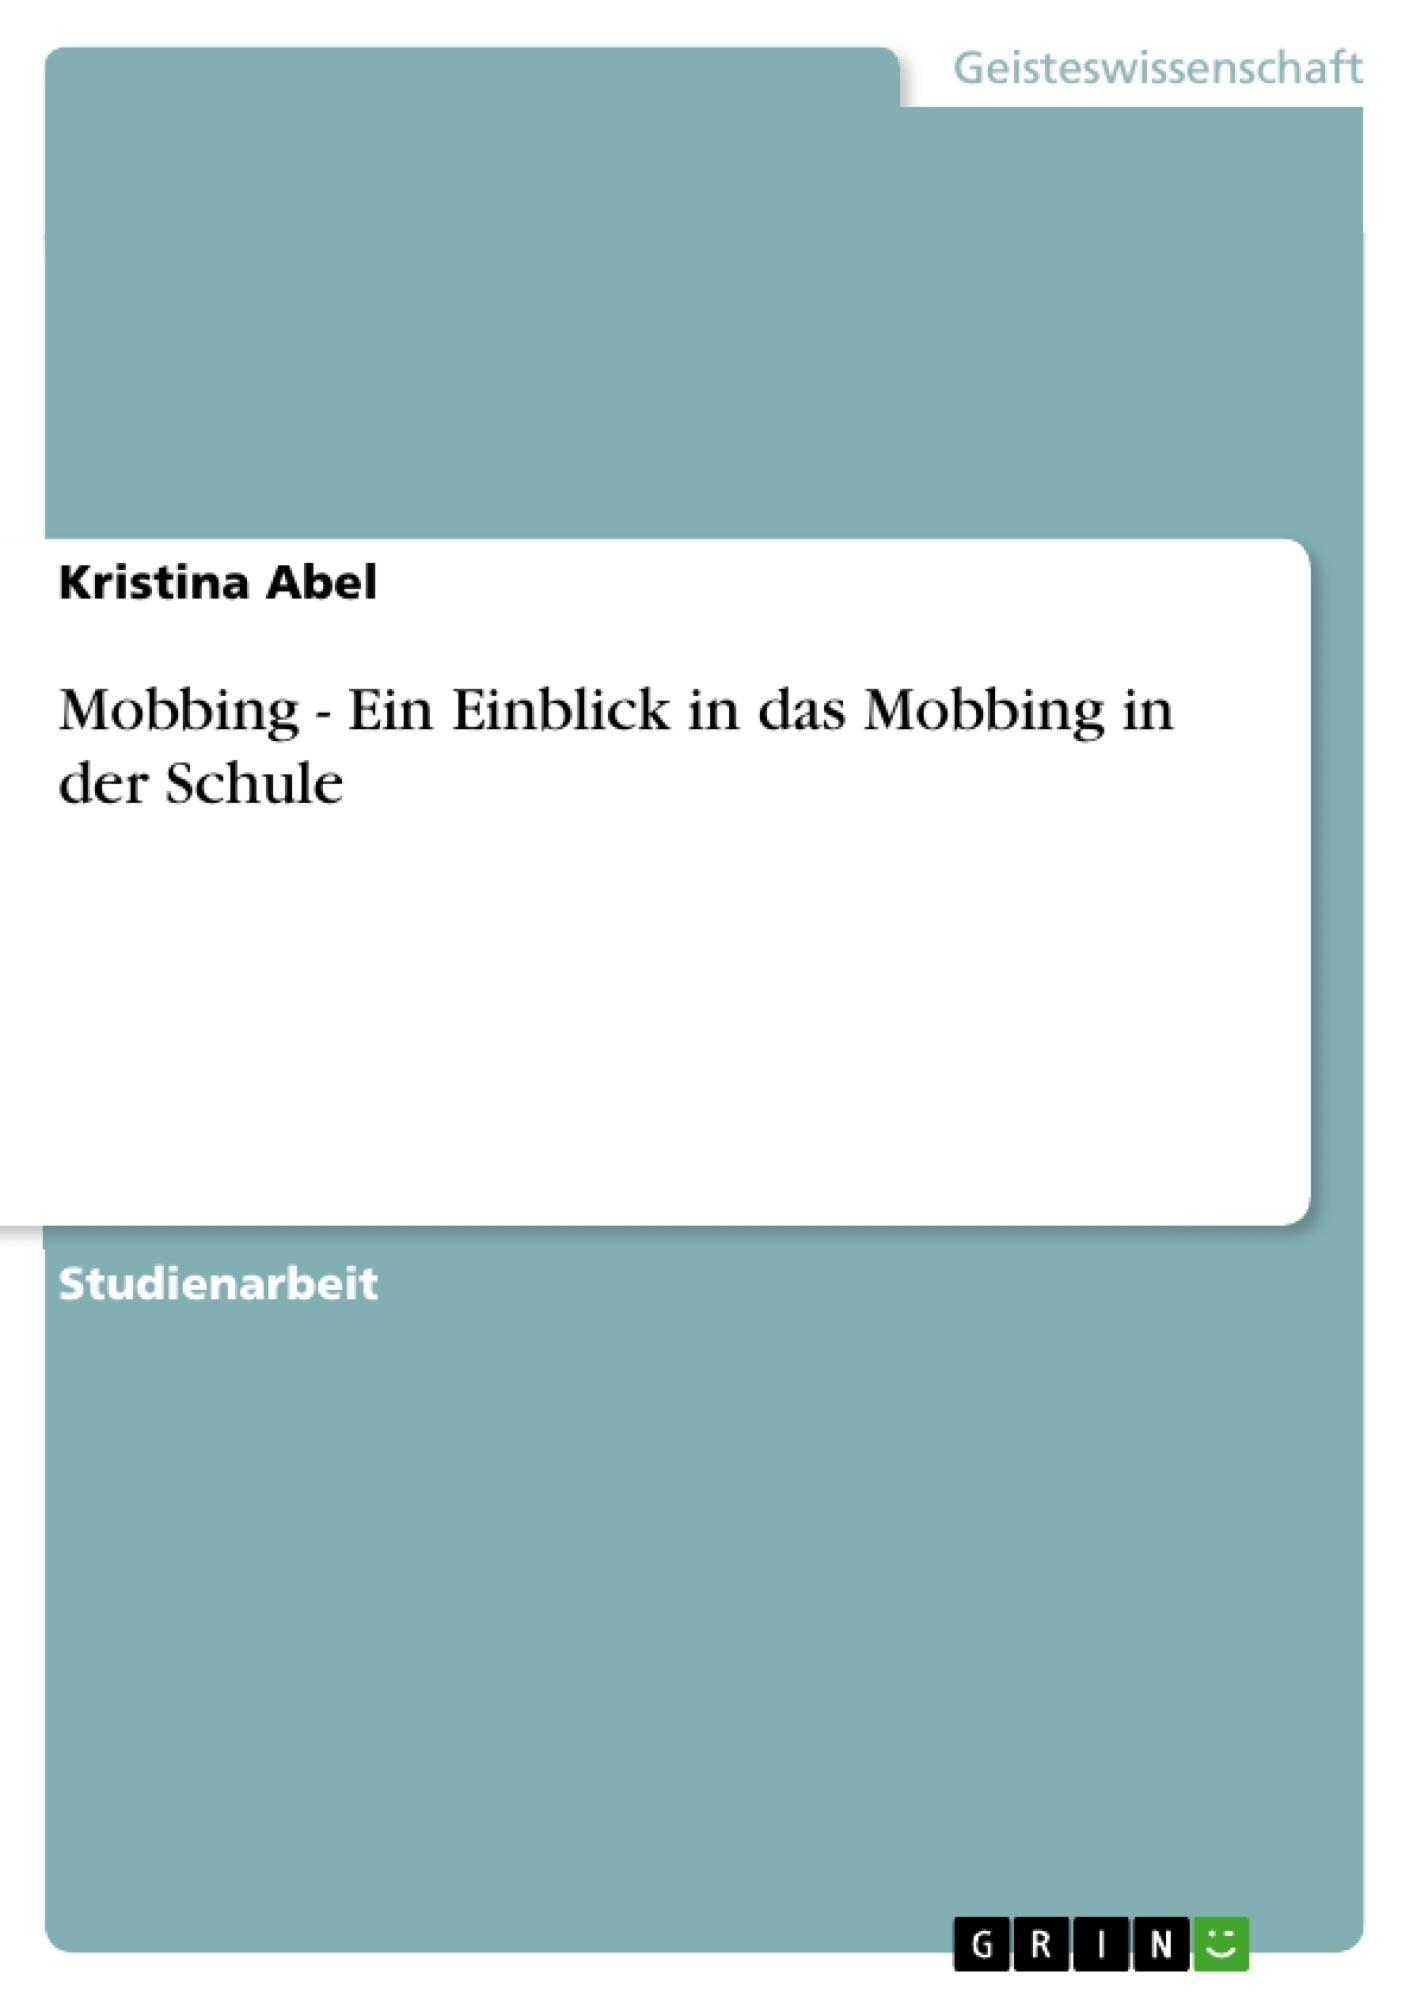 Titel: Mobbing - Ein Einblick in das Mobbing in der Schule